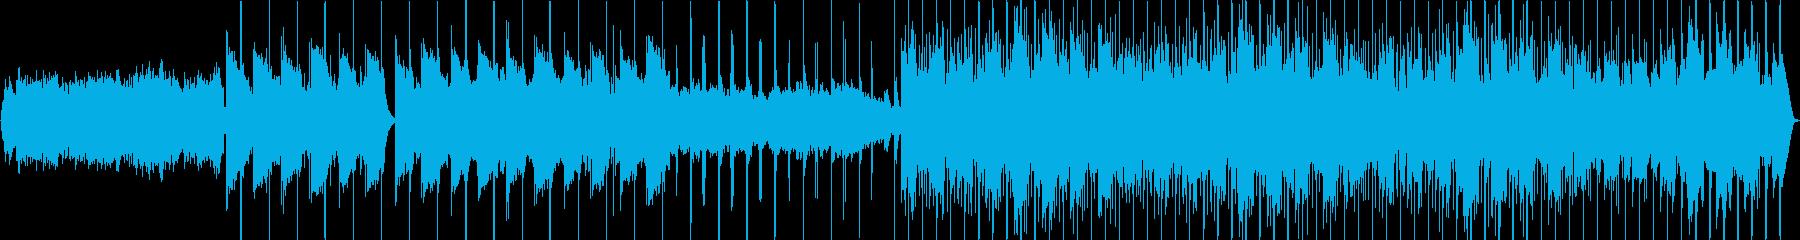 暖かい雰囲気のゆっくり電子ビート曲の再生済みの波形